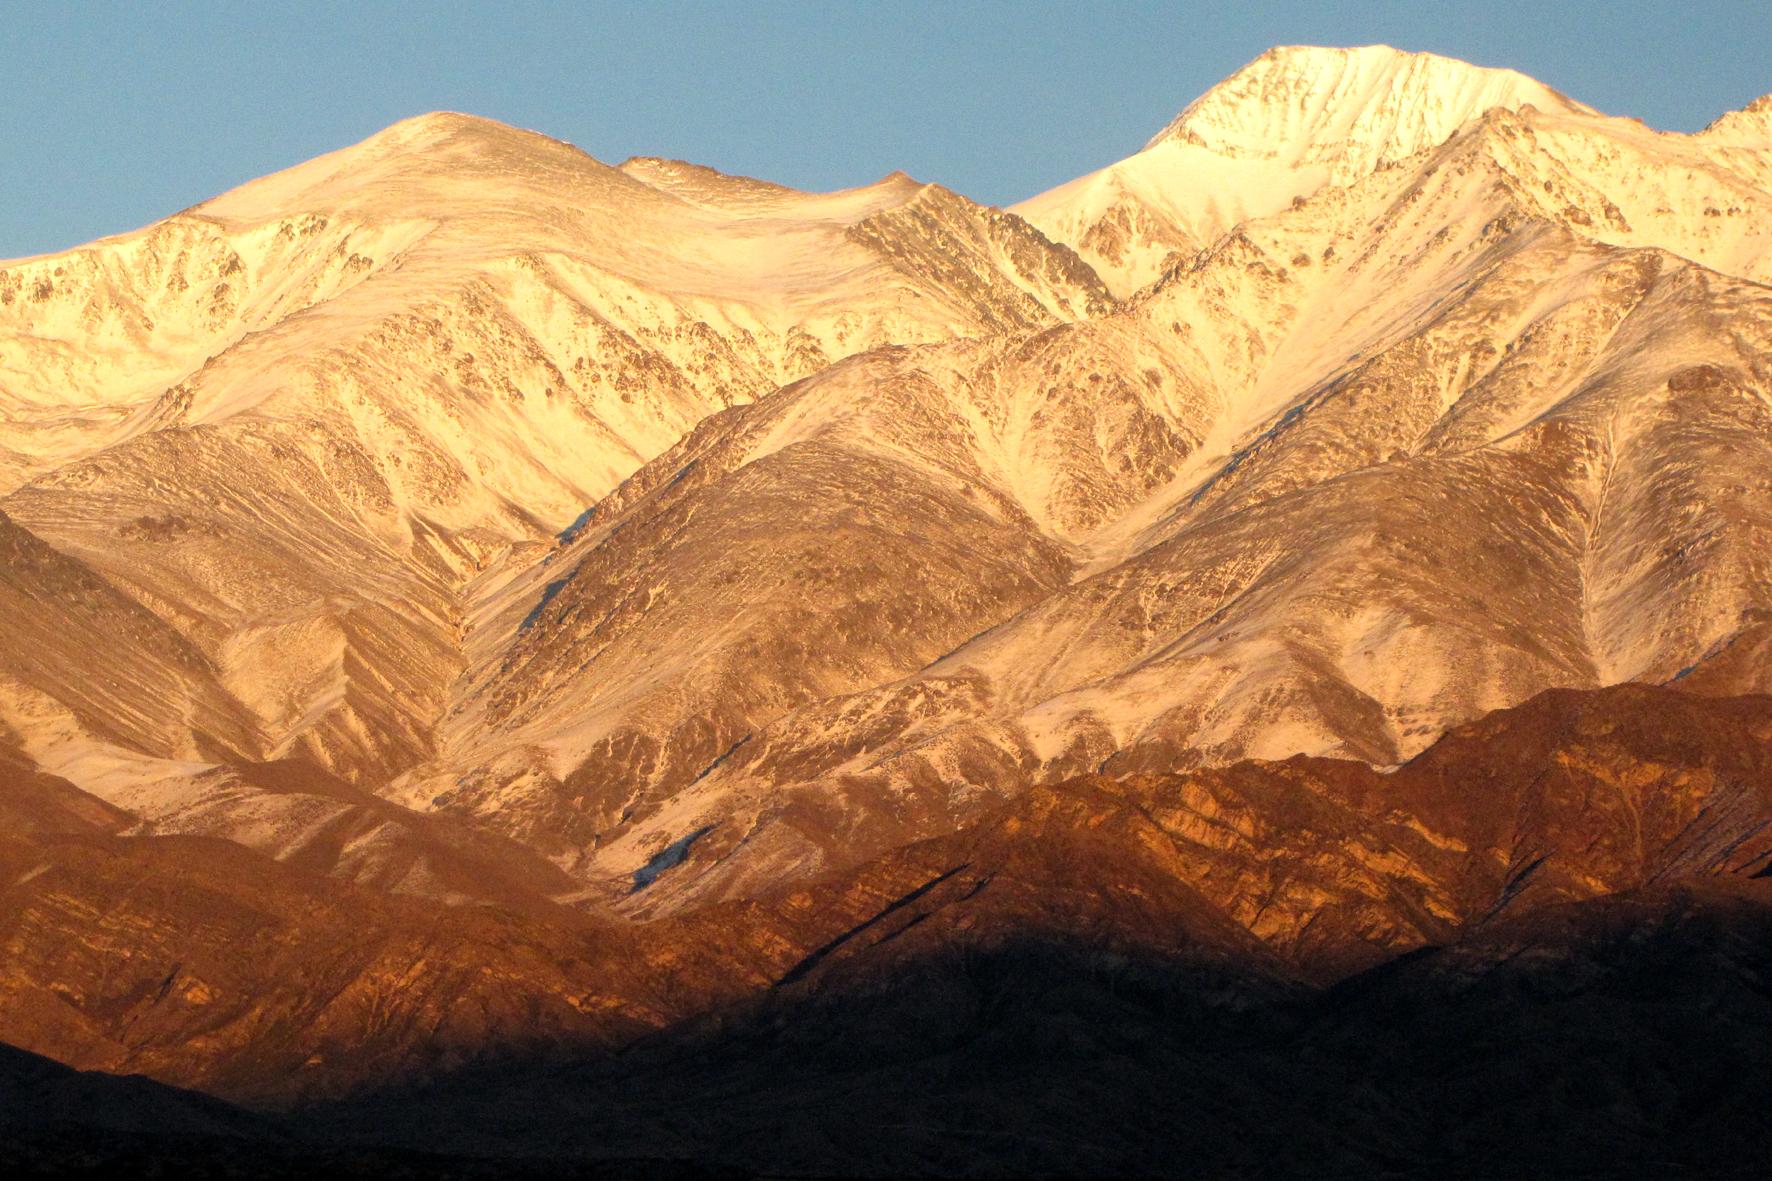 Amanhecer na Cordilheira dos Andes